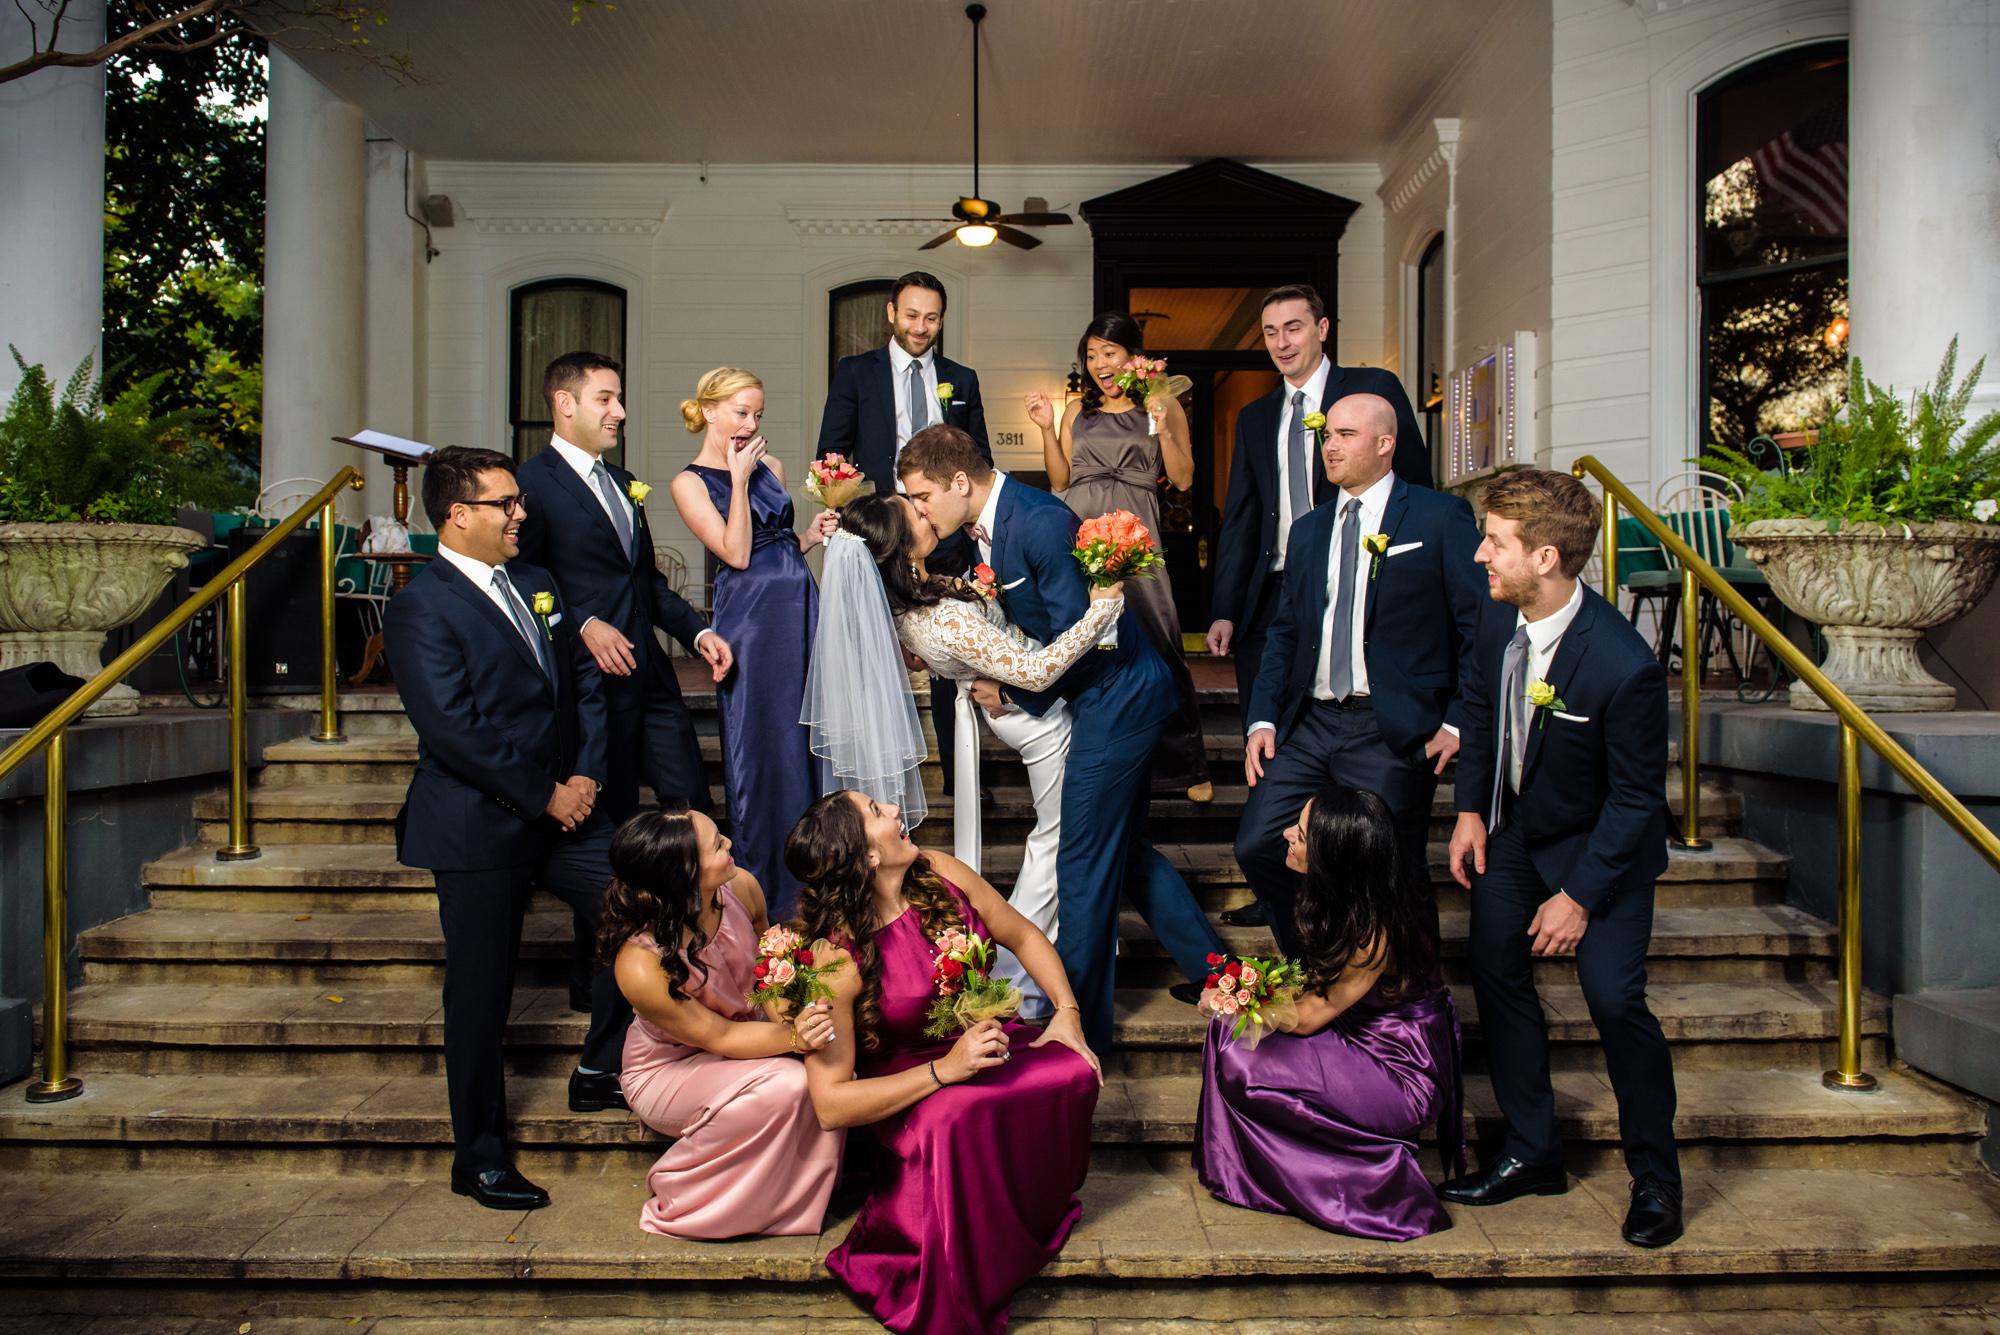 Scott-Myers-Photography-WeddingScott_Myers_Weddings-8933.jpg